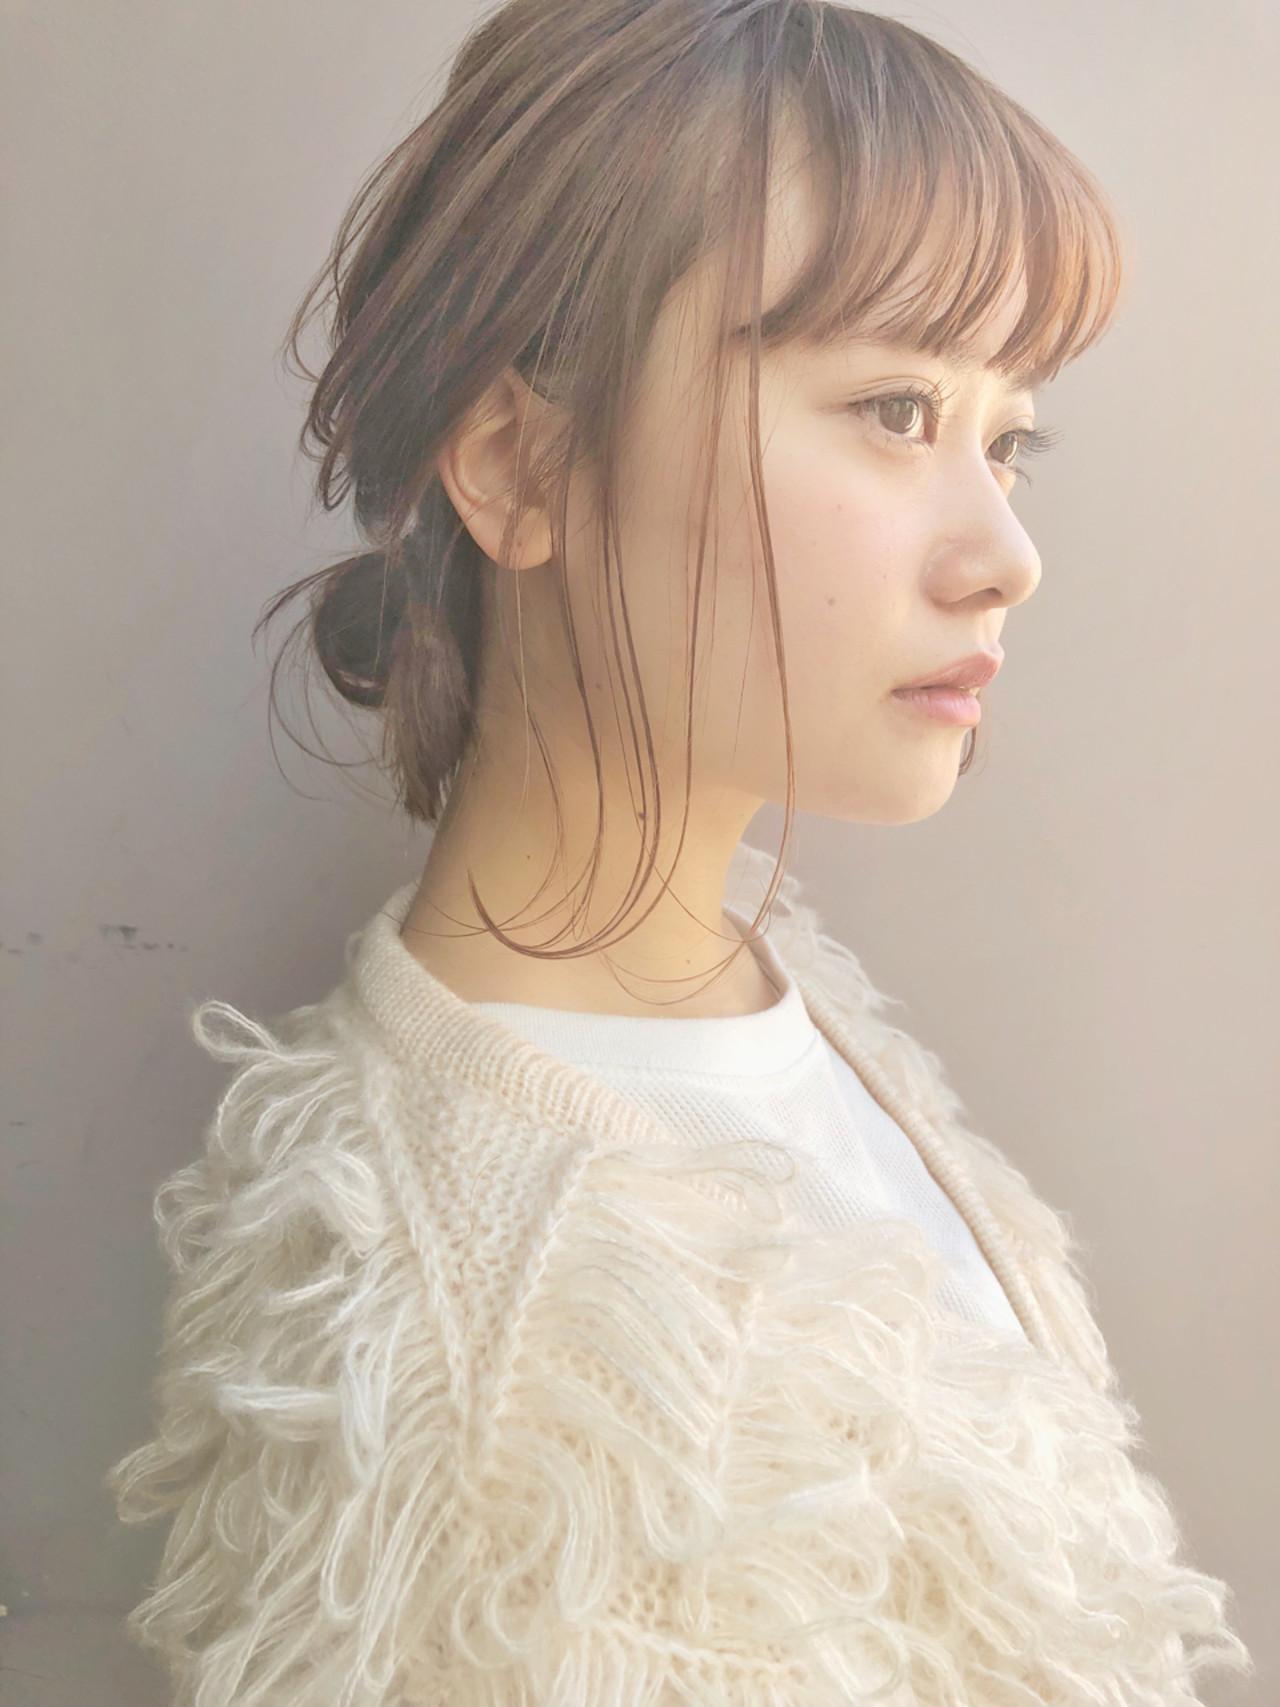 前髪ありで可愛さプラス♡フェミシニヨン drive for garden 森 紫織 | drive for garden